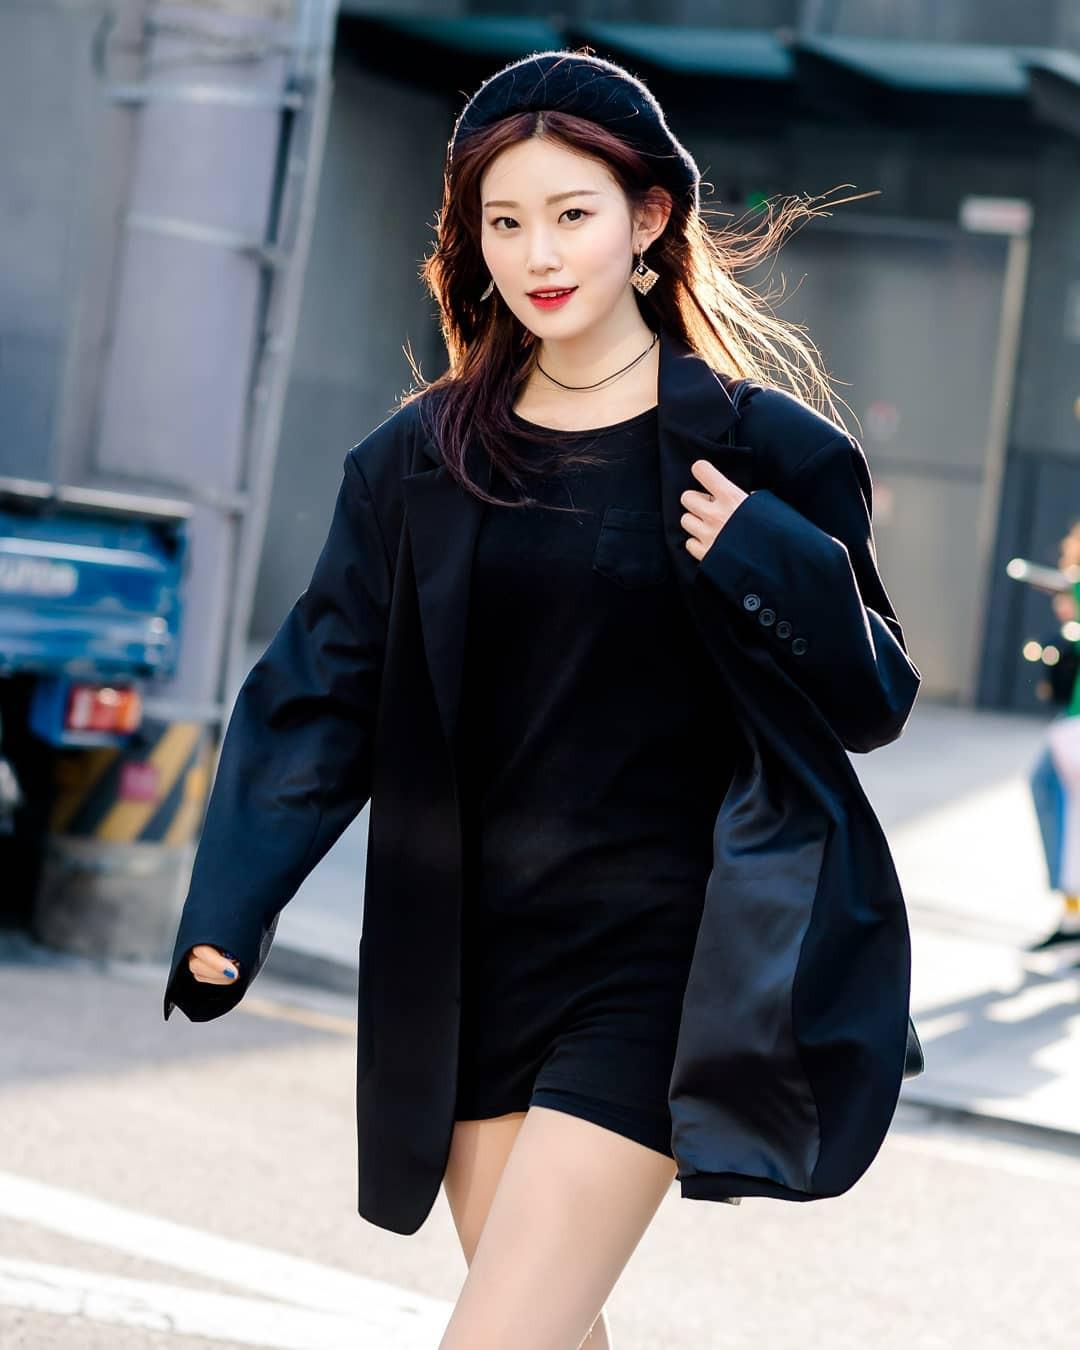 Street style của con gái Hàn tuần qua: chẳng cầu kỳ mà đẹp phát mê, ai xem xong cũng dễ crush - Ảnh 4.